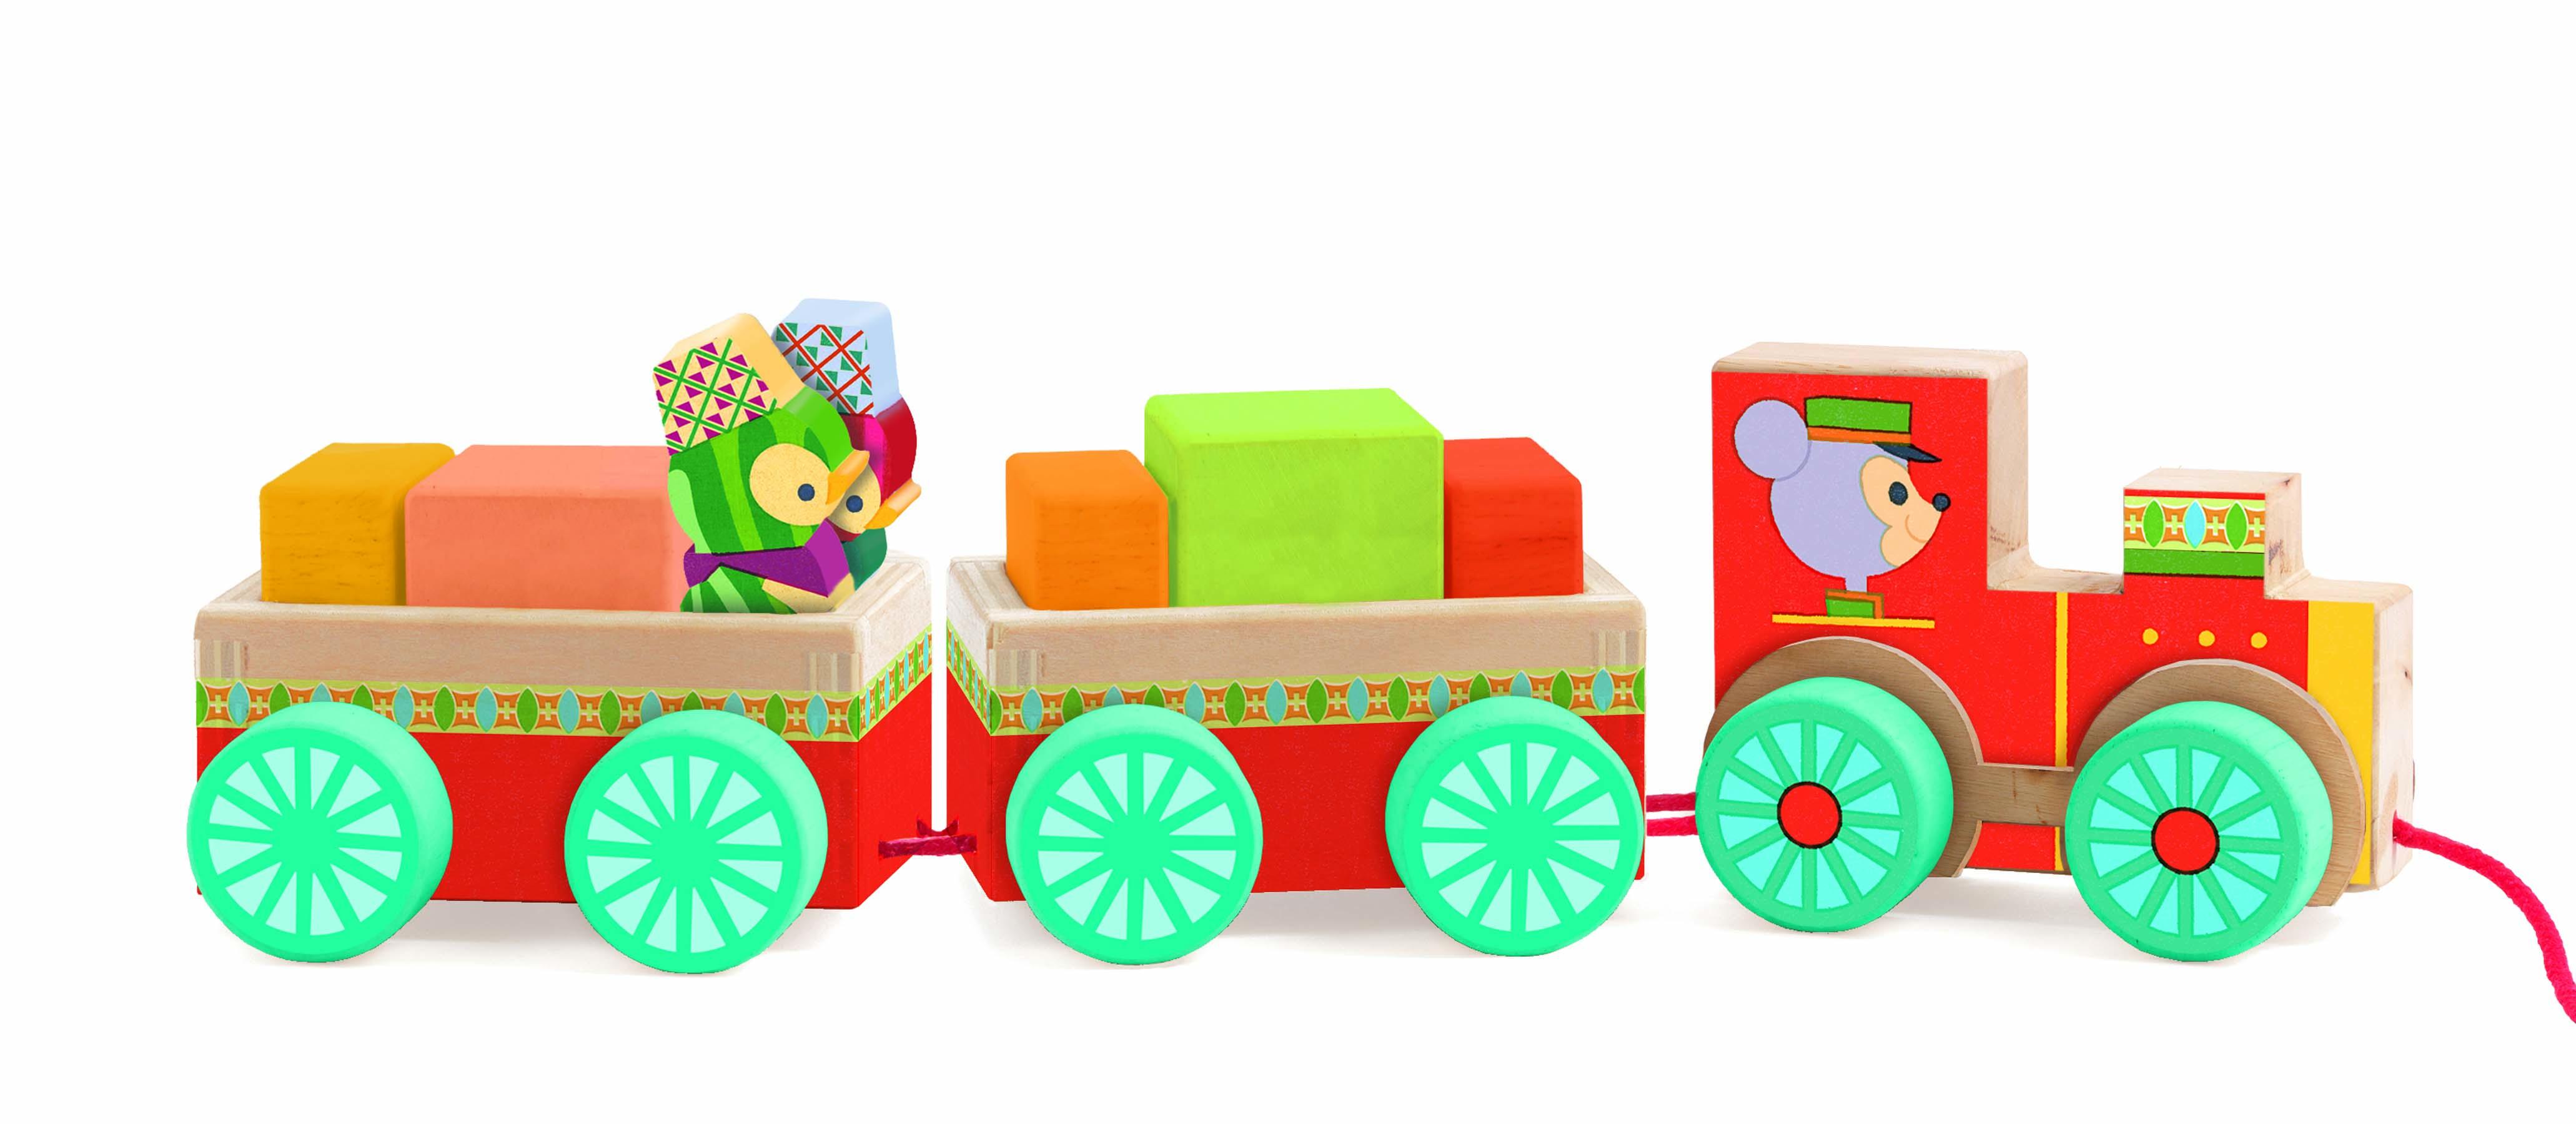 Trenulet cu cuburi si pinguini djeco imagine